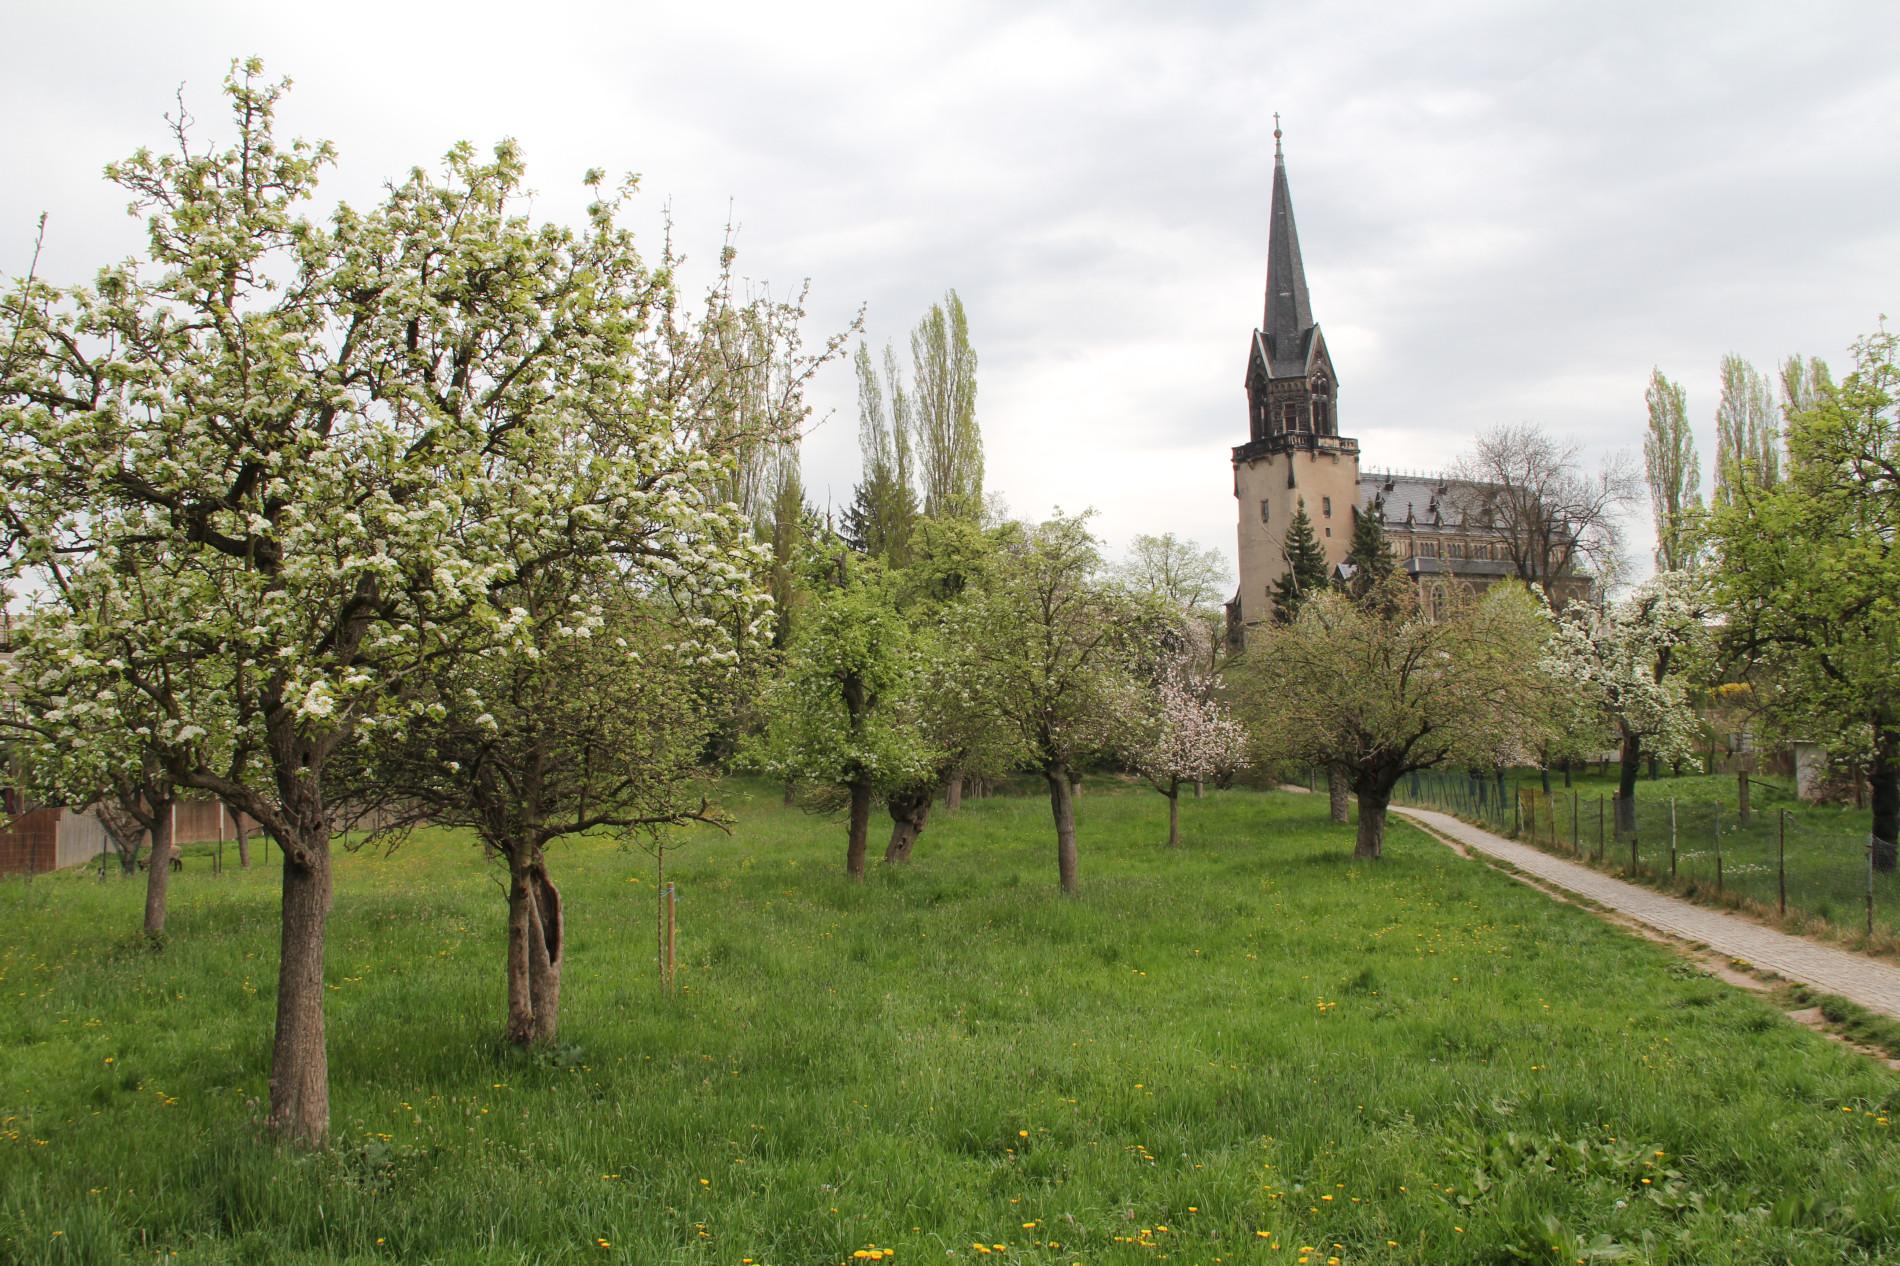 Baum mit Kirche